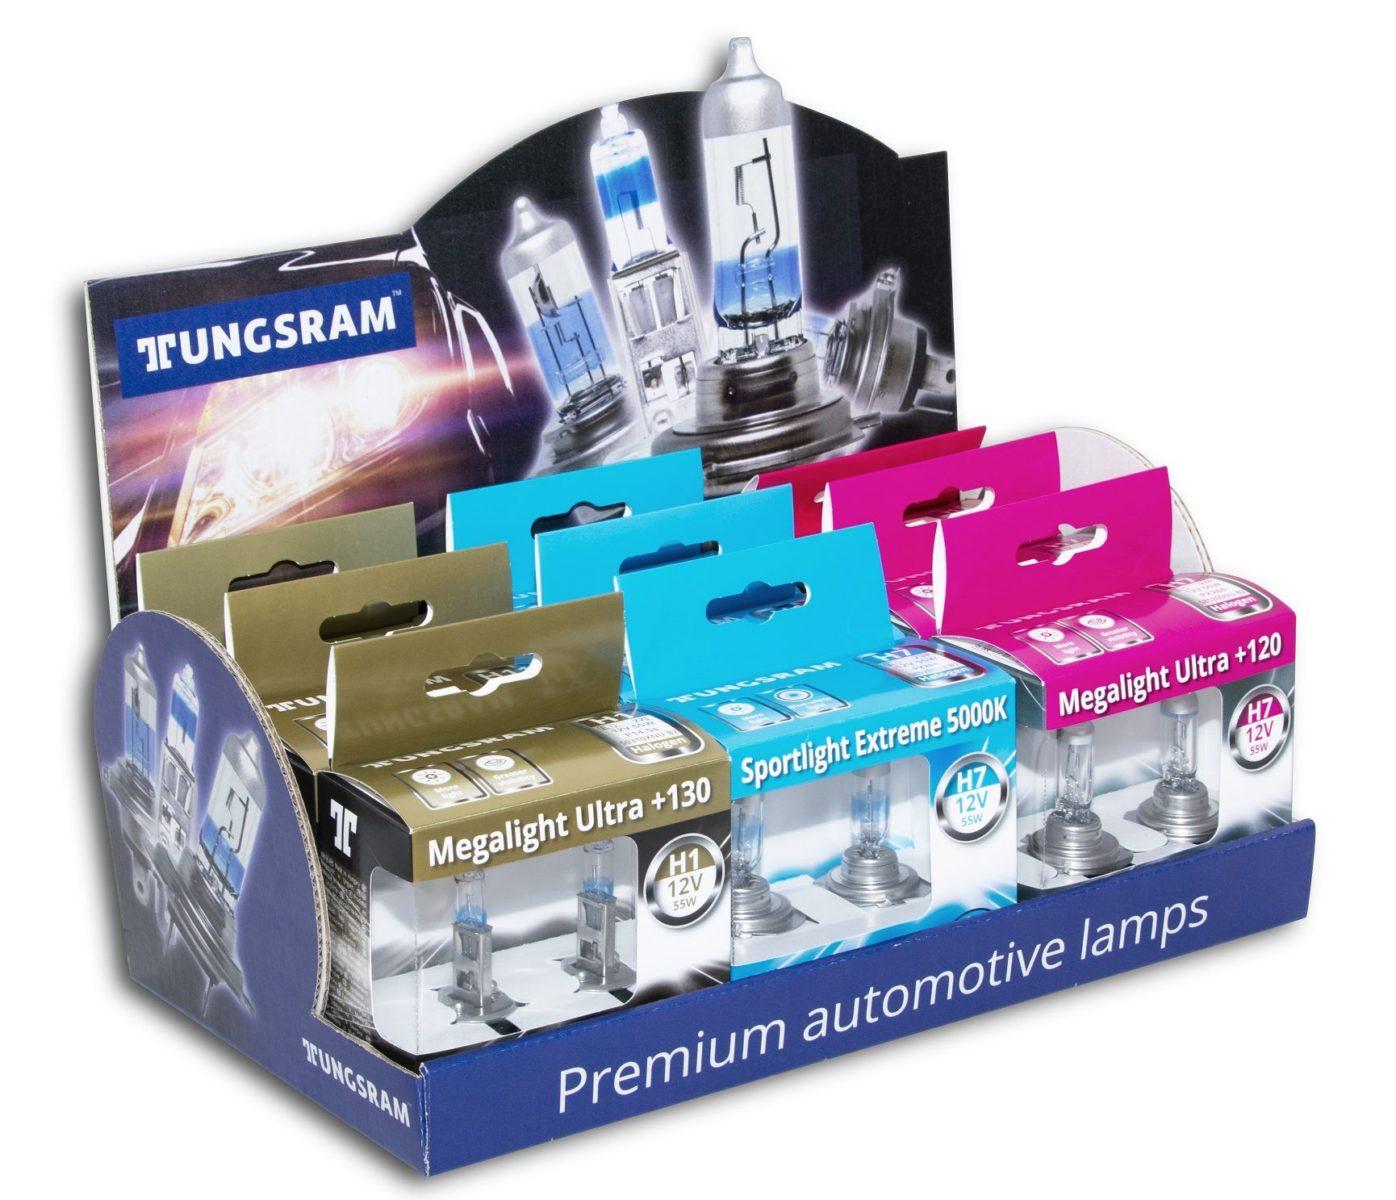 Tungsram, lampadine automotive di qualità